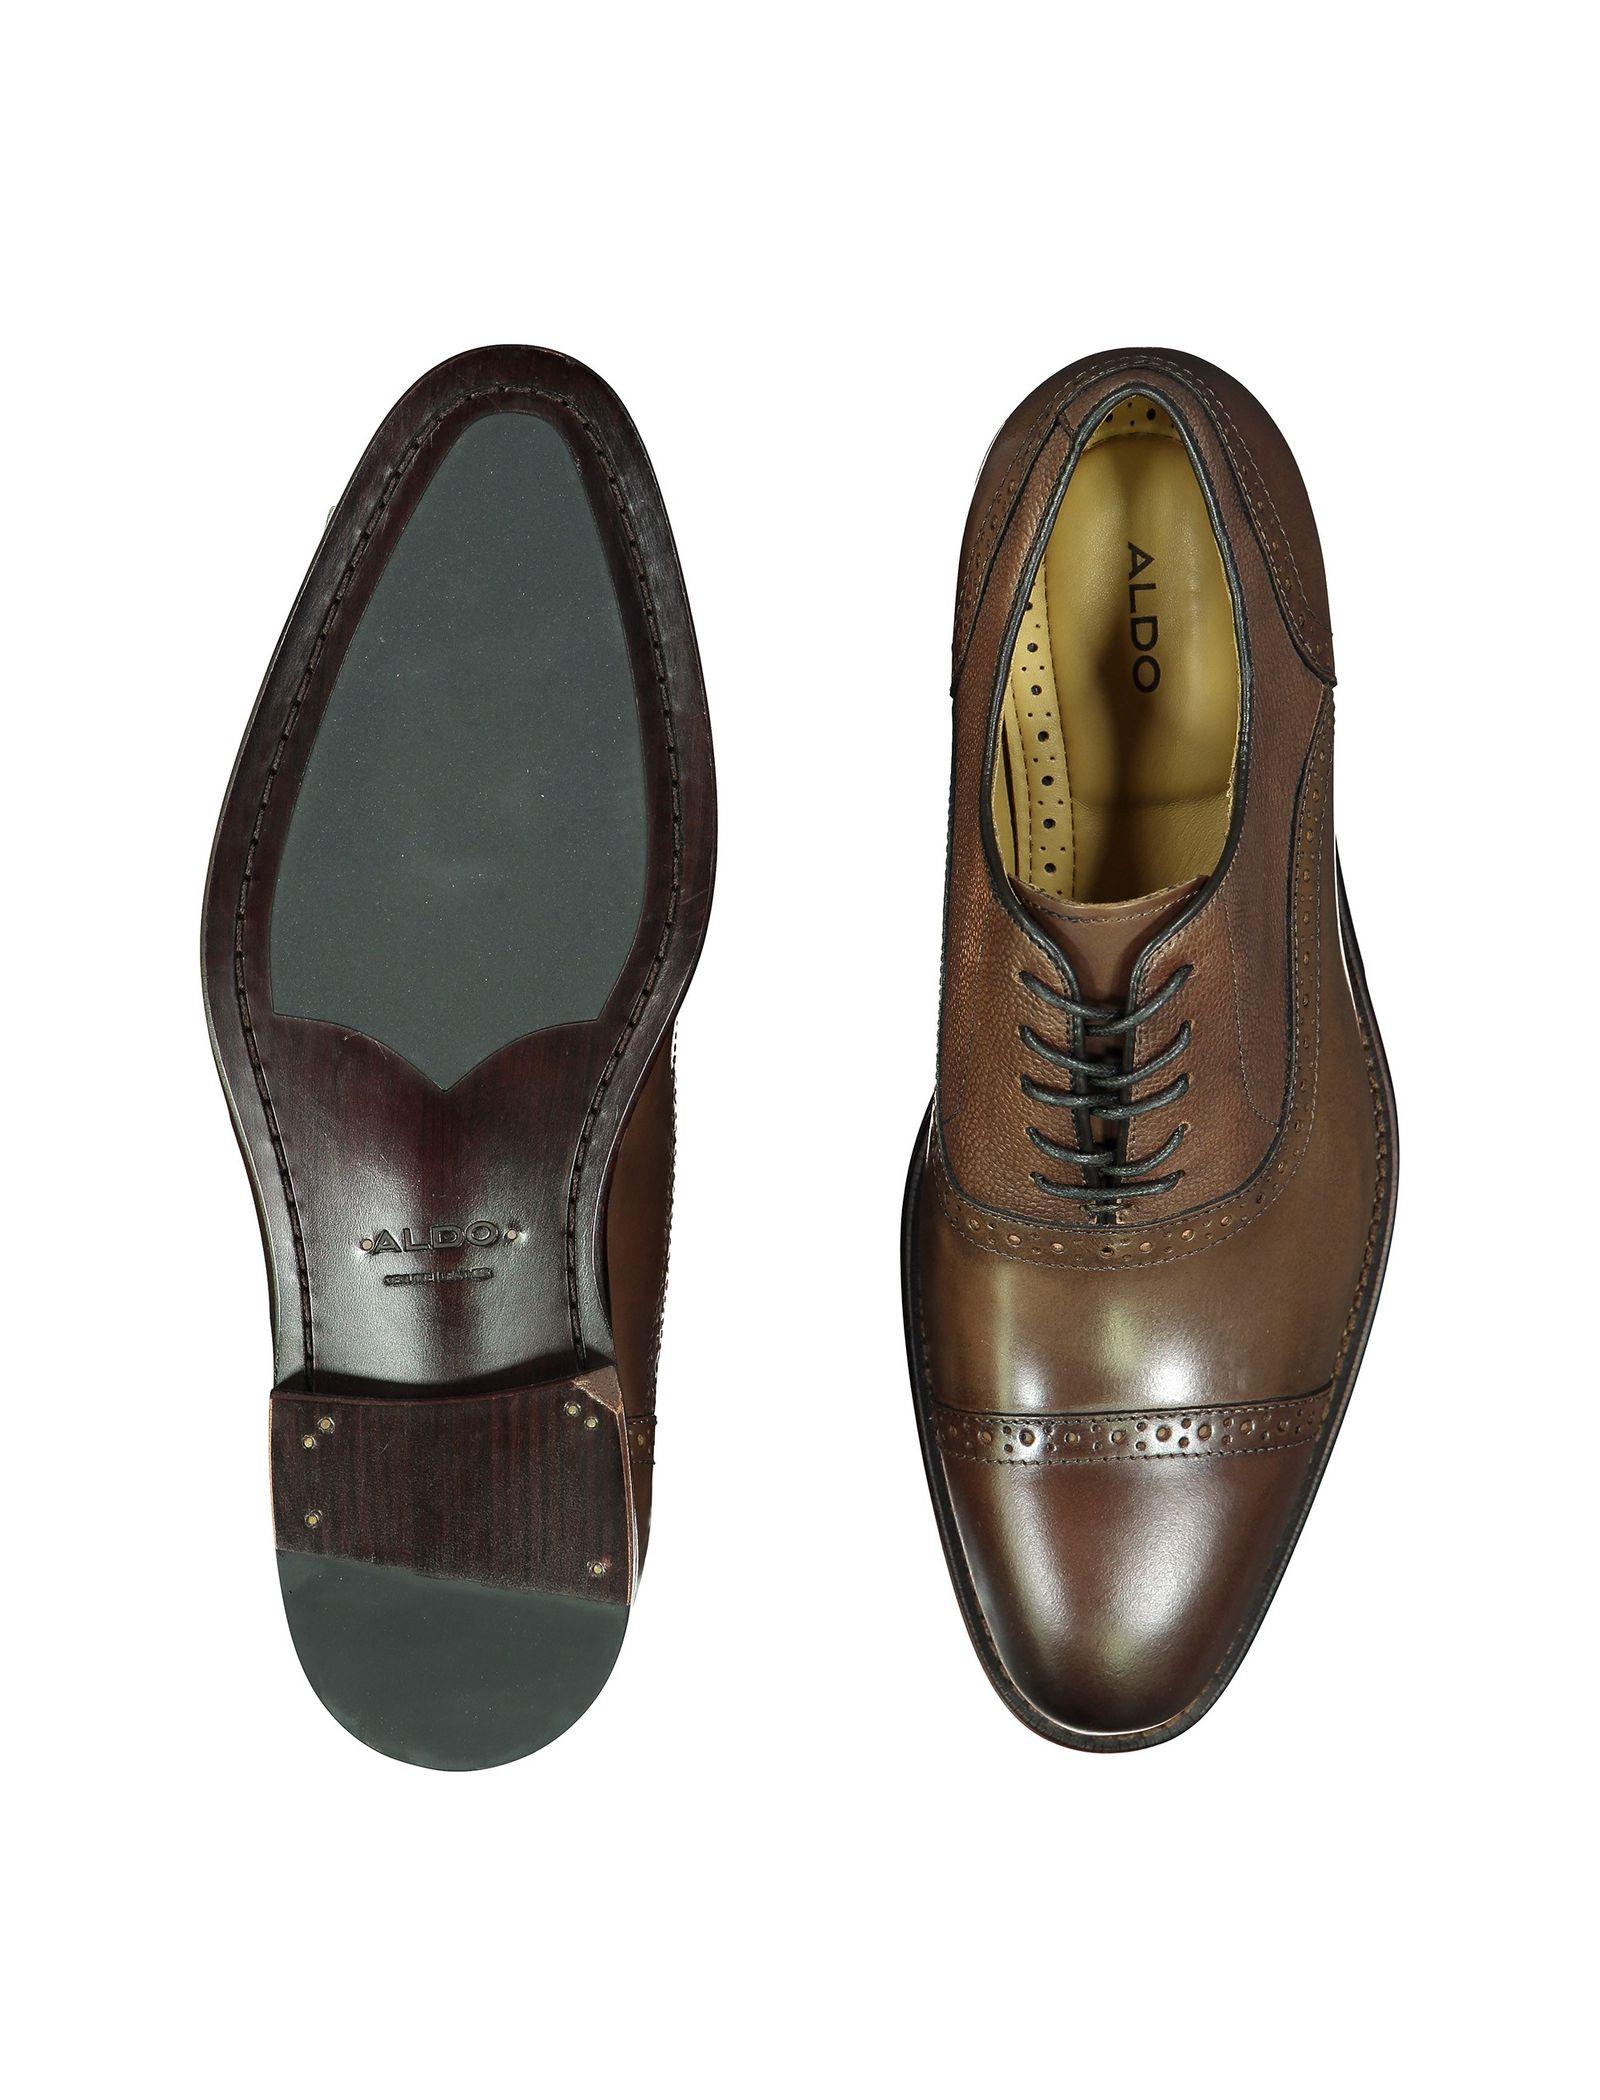 کفش رسمی چرم مردانه - آلدو - قهوه اي - 2